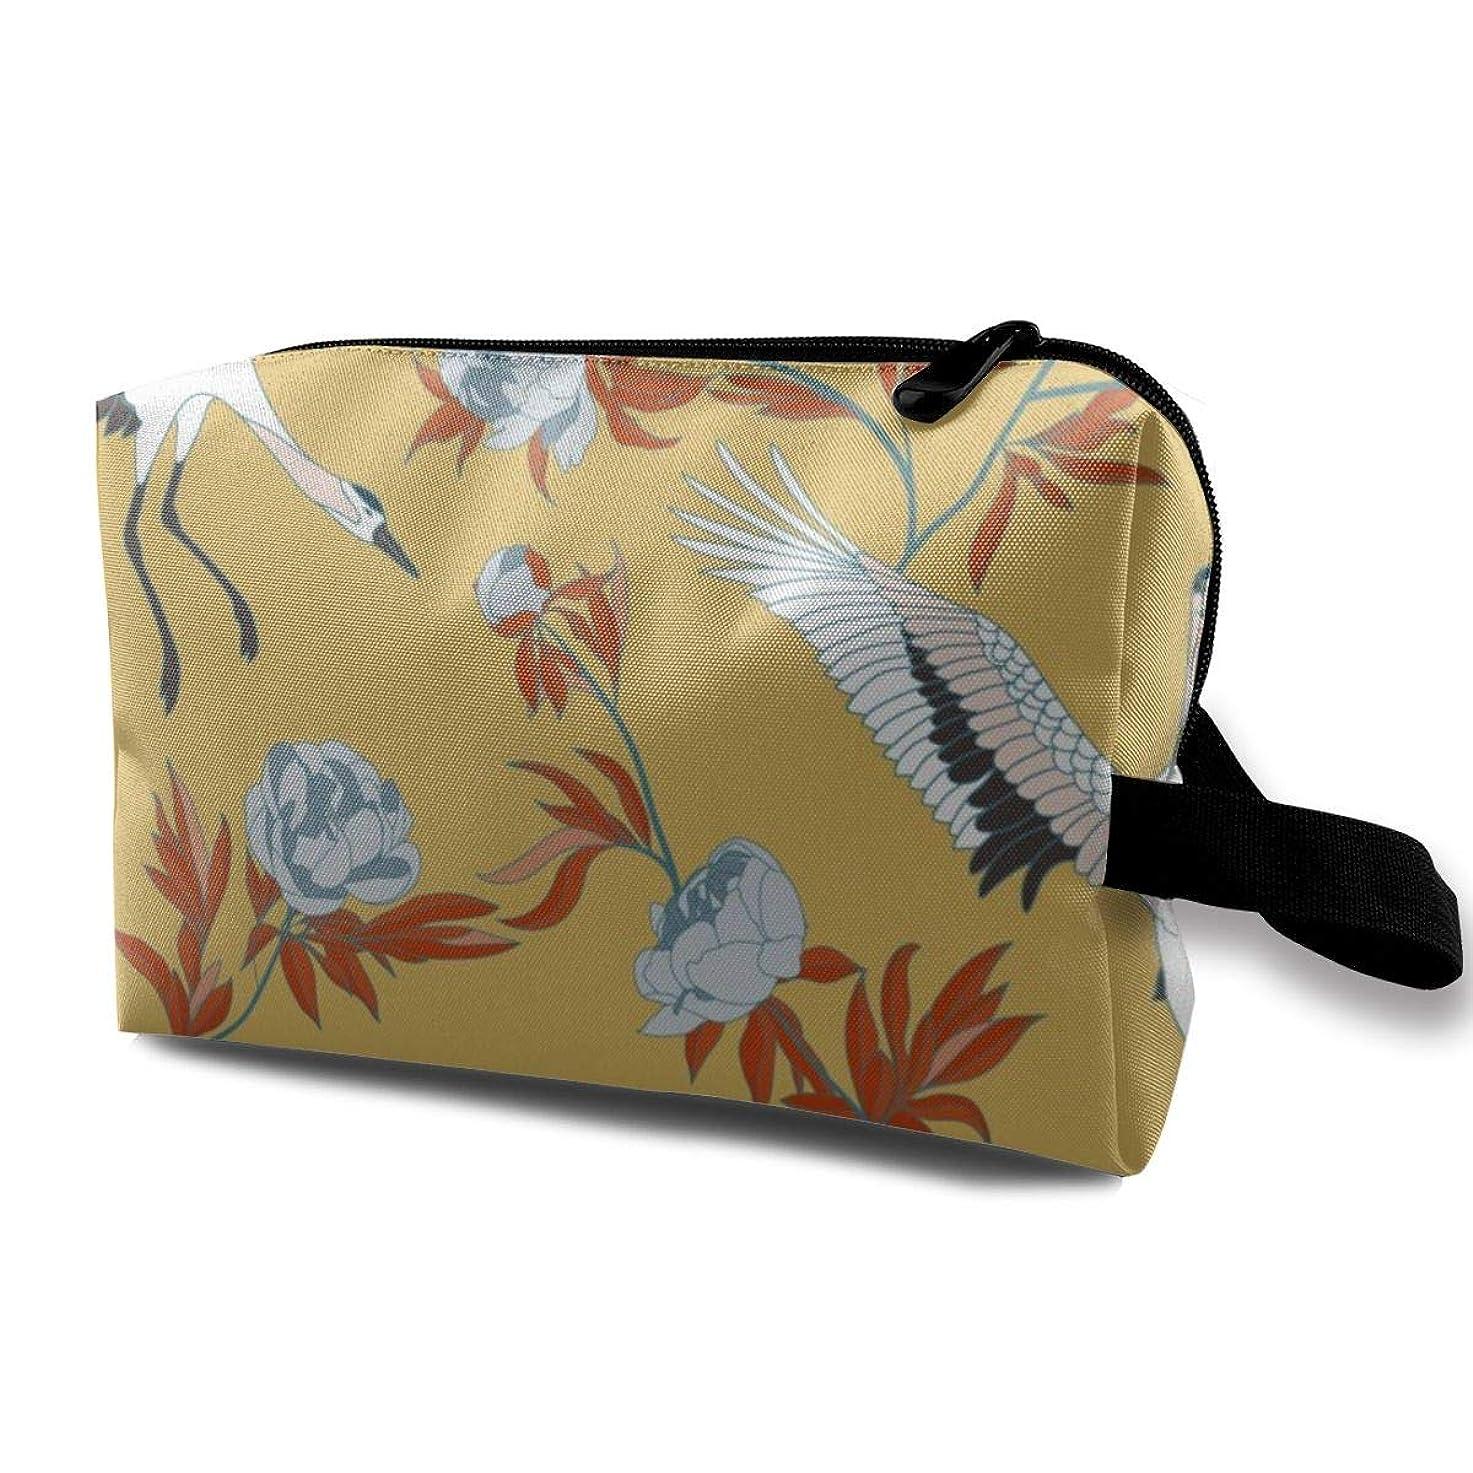 耐えるスペクトラム人鶴と牡丹 化粧品袋 トラベルコスメティックバッグ 防水 大容量 荷物タグ付き 旅行収納ポーチ アレンジケース パッキングオーガナイザー 出張 旅行 衣類収納袋 スーツケース整理 インナーバッグ メッシュポーチ 収納ポーチ